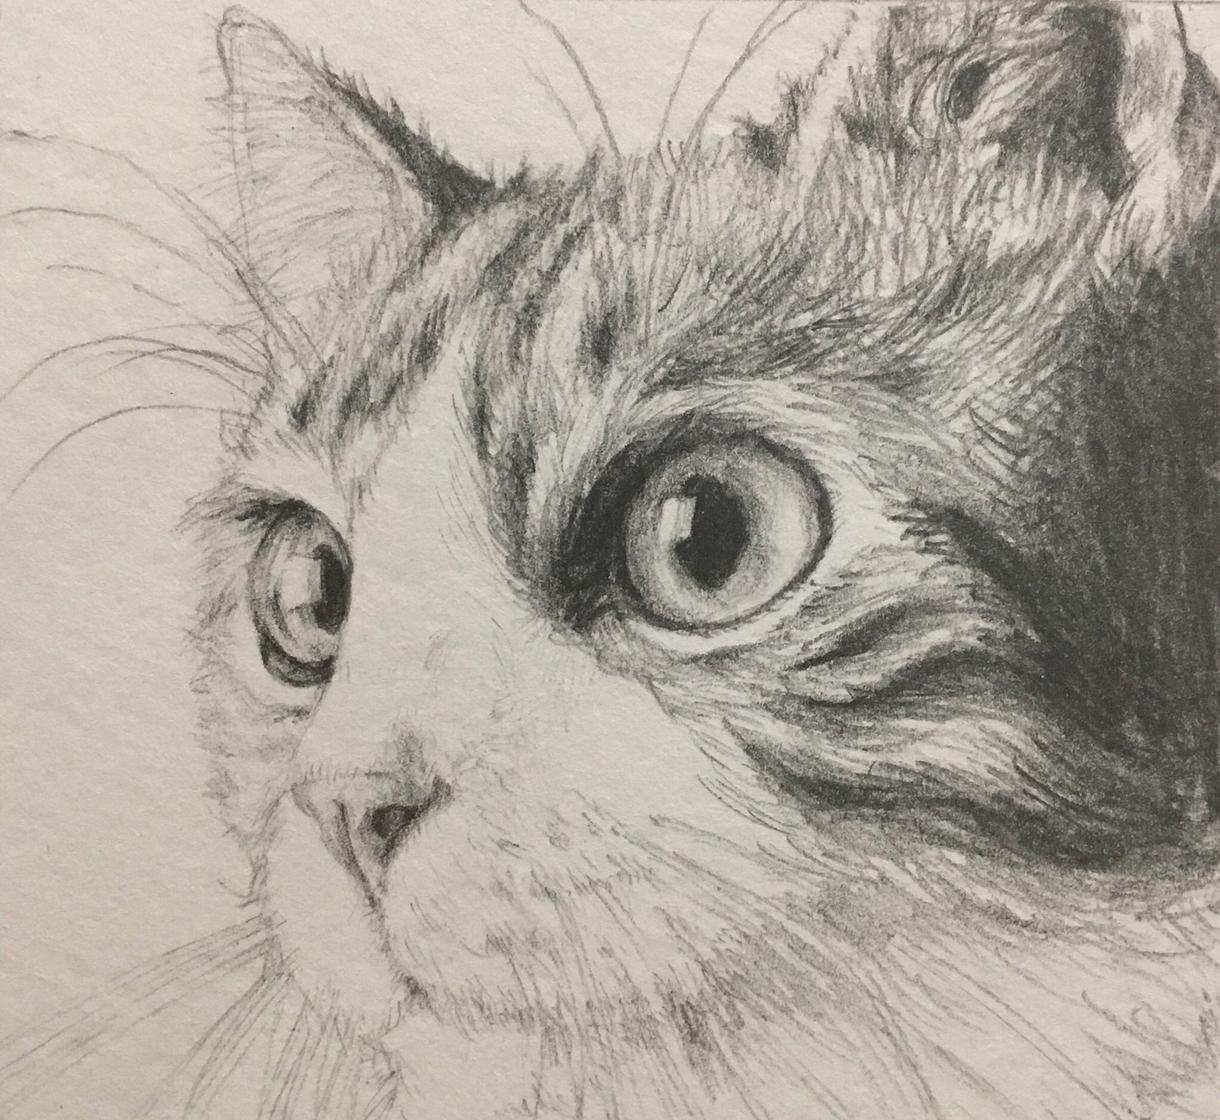 お好きな画材(5種の内)でアイコンを描きます デジタル、水彩、色鉛筆、コピック、カラーペンから選べます!